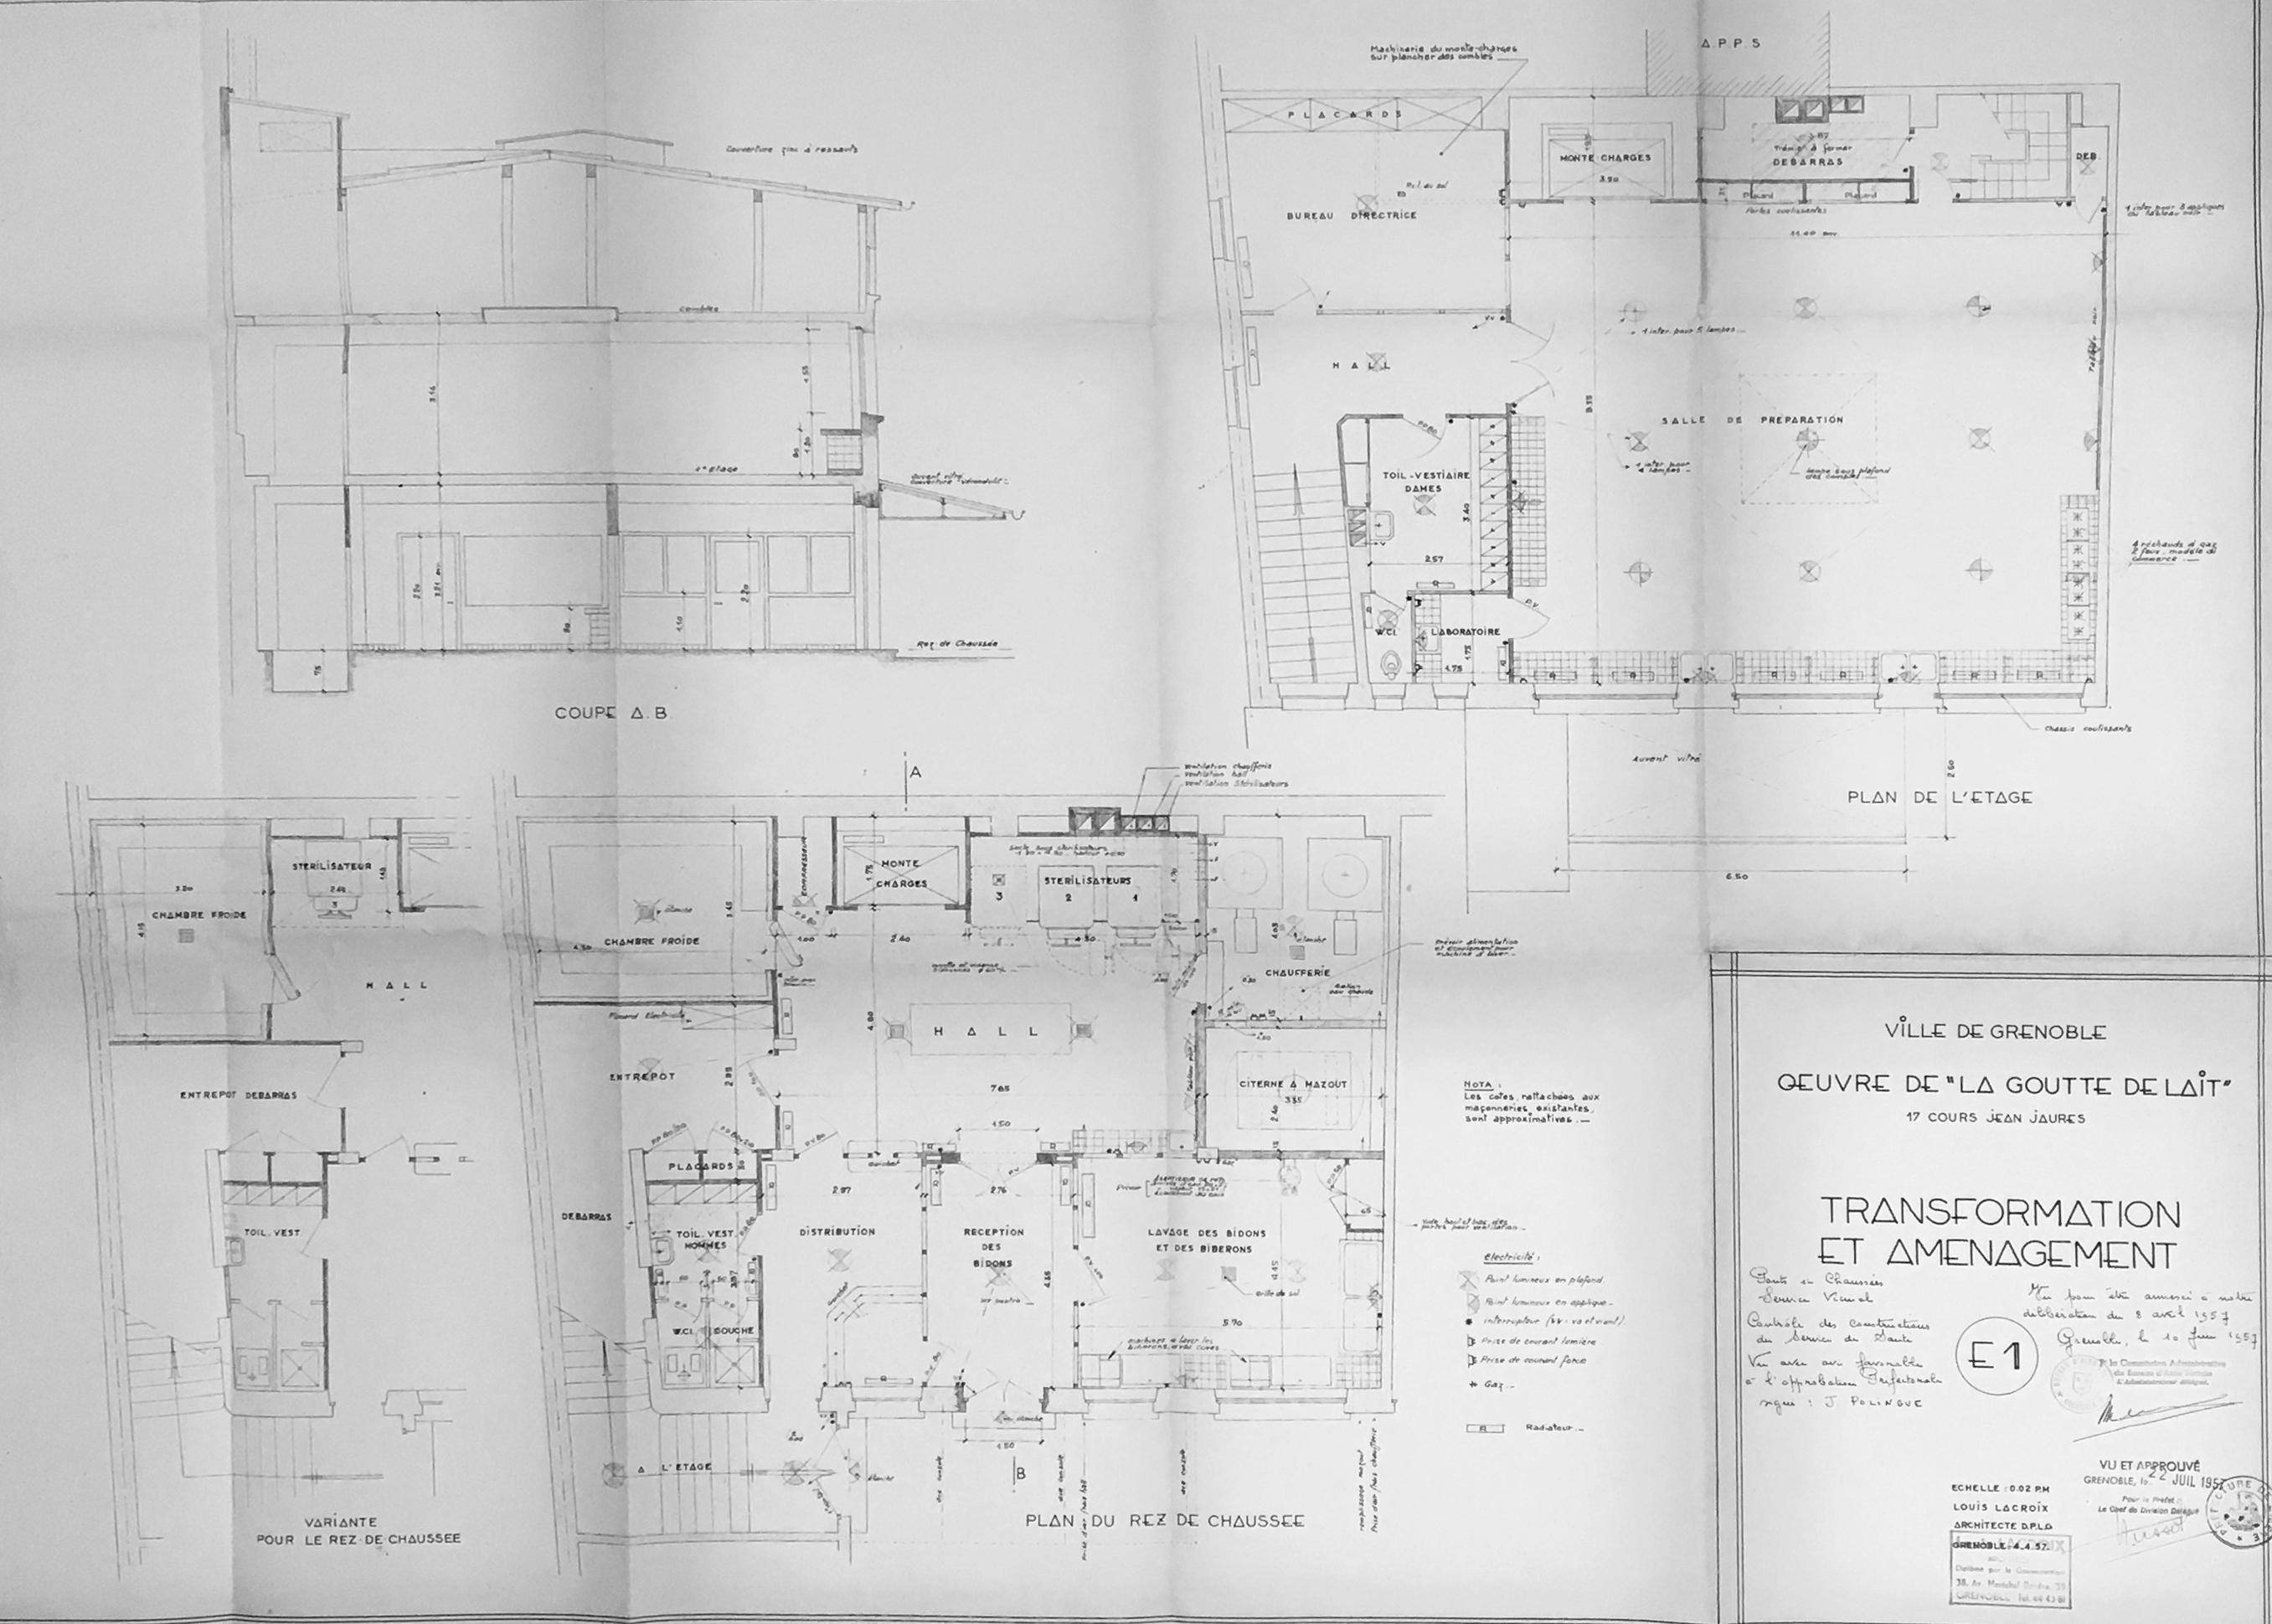 Transformation et aménagements en 1956 : plans et coupe par Louis Lacroix, architecte